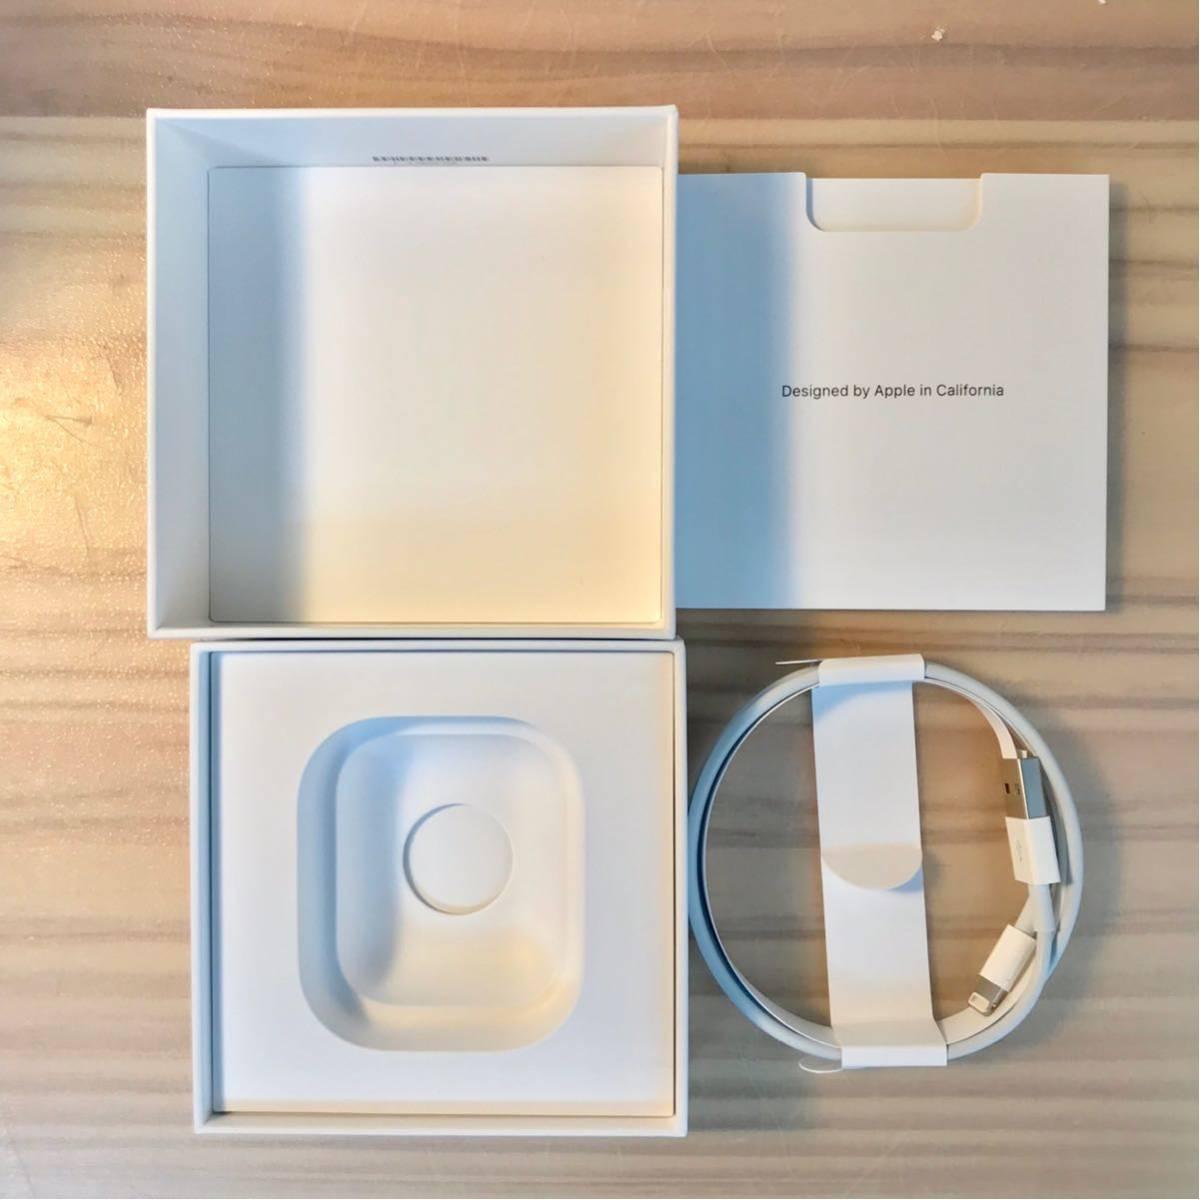 【中古】Apple AirPods ワイヤレス イヤホン 良品 中古 付属品完備 純正 正規品_画像8